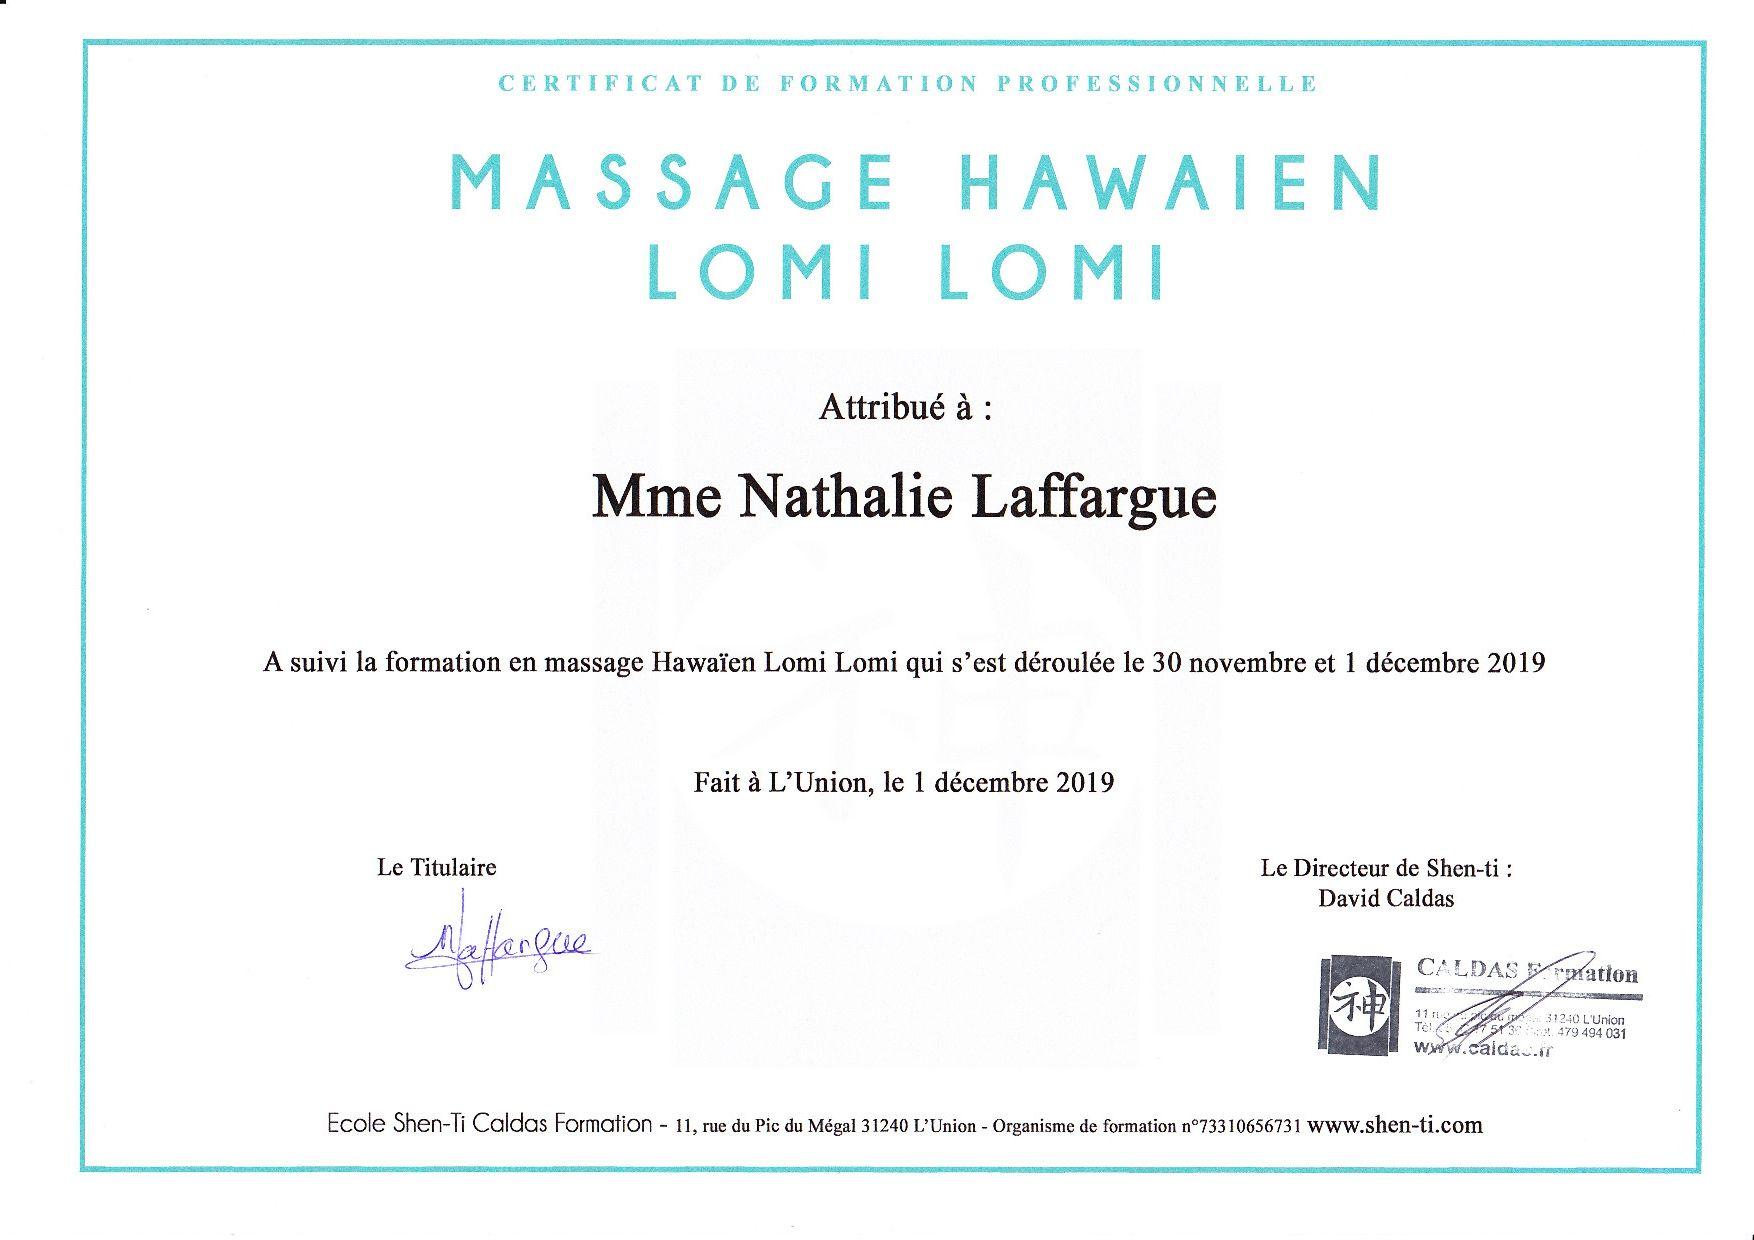 Diplome massage lomi lomi p001 1